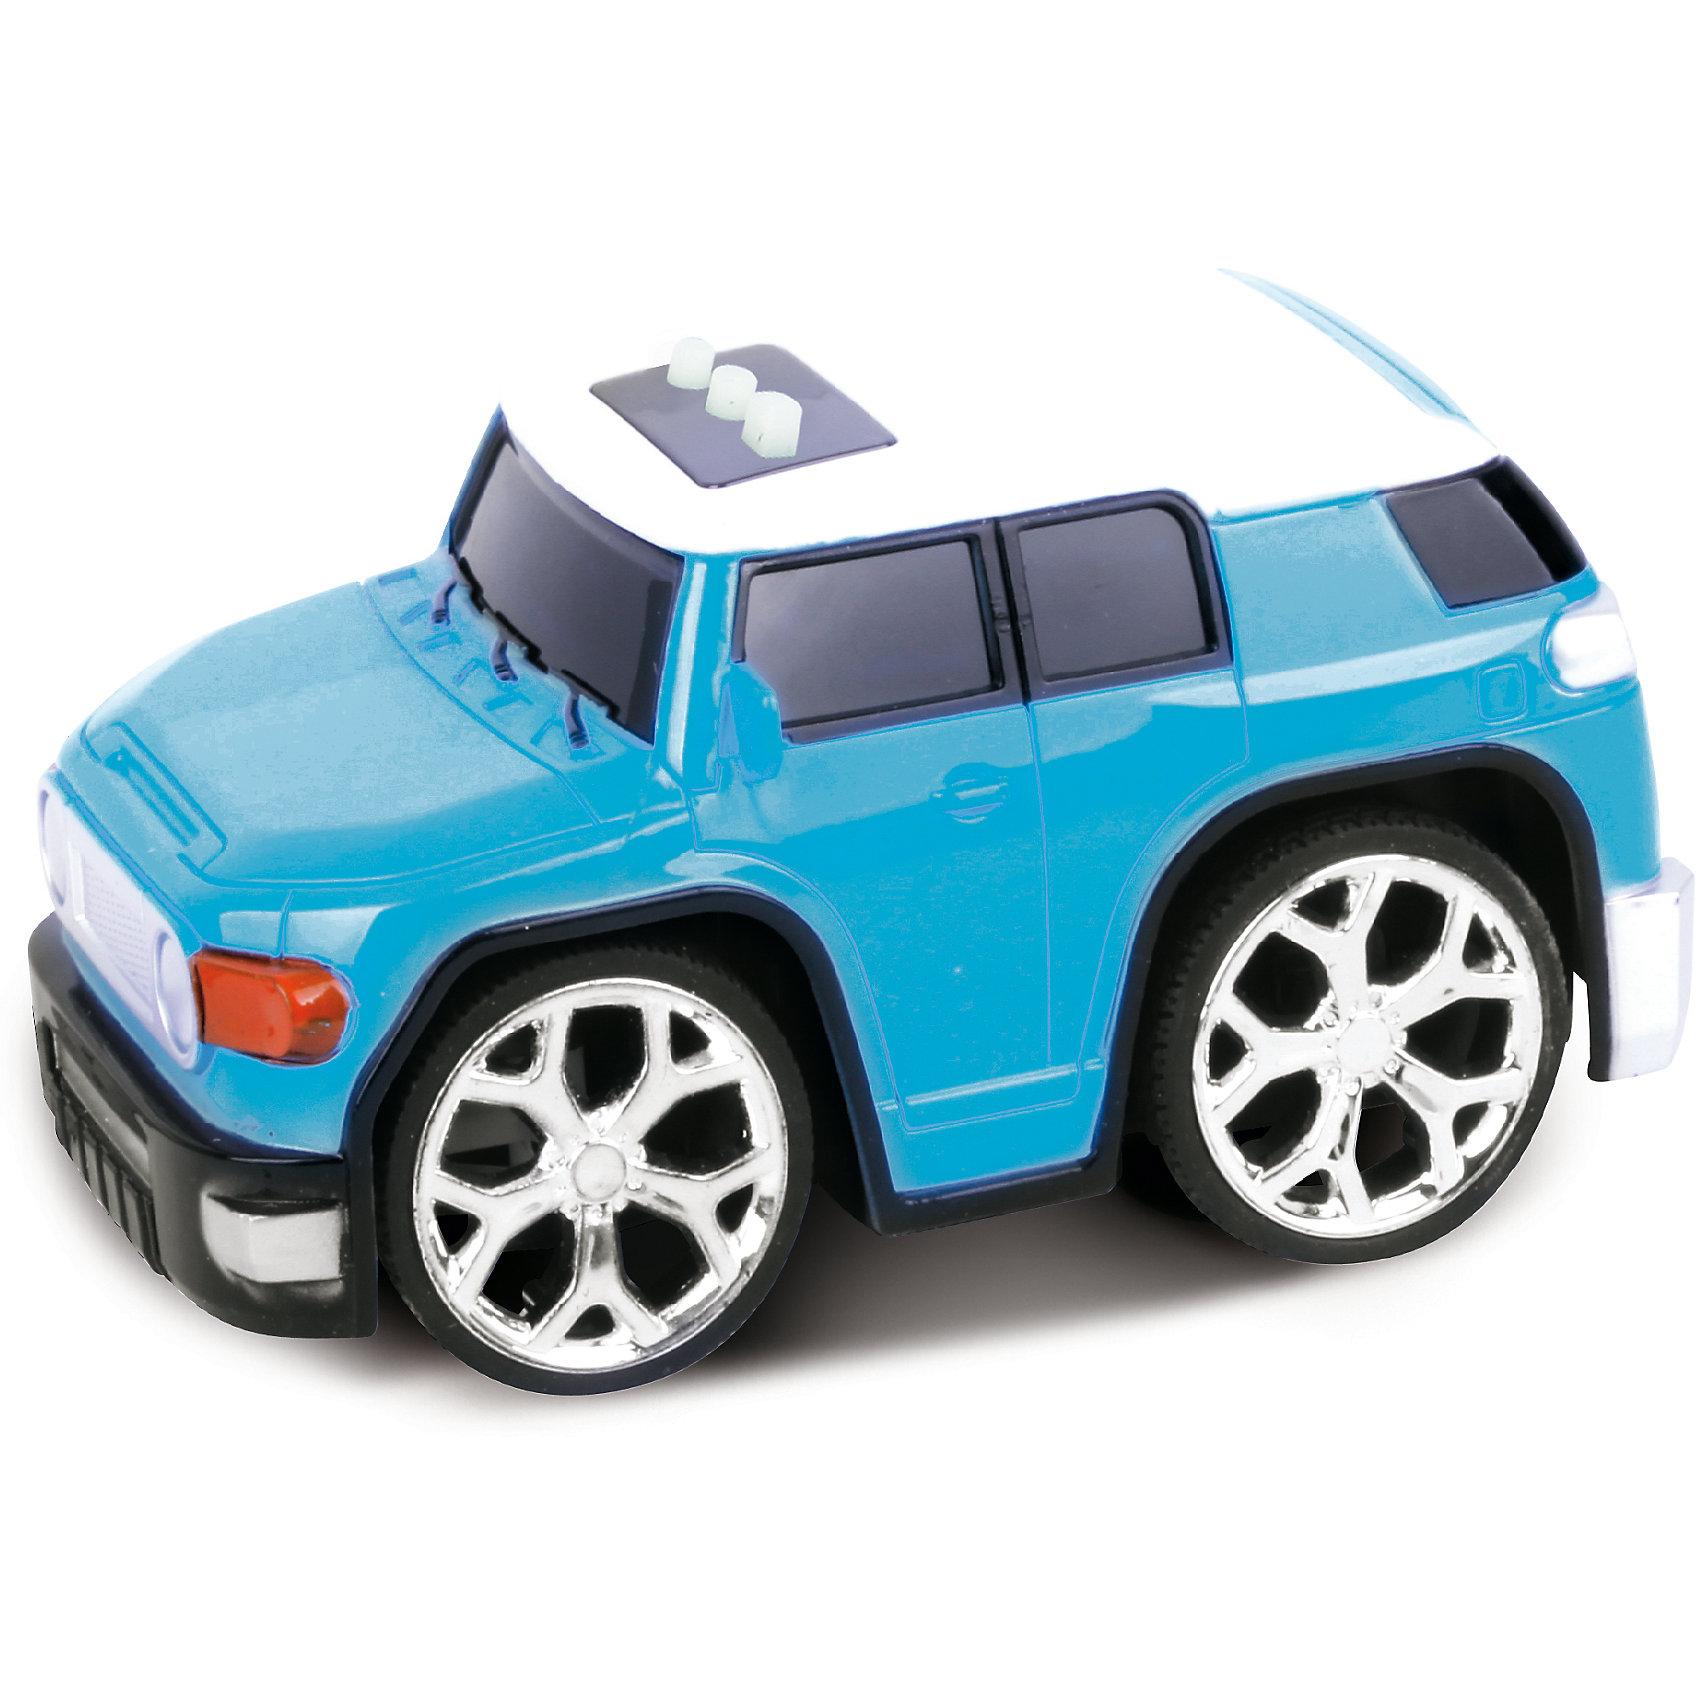 Машинка интерактивная со светом и звуком, синяя, Blue SeaМашинки<br>Машинка интерактивная со светом и звуком, синяя , Blue Sea (Блу Сии).<br><br>Характеристики:<br><br>- Цвет: синий.<br>- Состав: пластик,металл.<br>- Размер машины: 12,5х7х7 см<br>- Инерционная игрушка.<br><br>Машинка интерактивная со светом и звуком, синяя, - .это отличная игрушка от бренда Blue Sea (Блу Сии). Эта маленькая машинка с большими колесами одна из целой серии интерактивных машинок. На ее крыше расположены 3 кнопки с интерактивными функциями. Запрограммированы следующие функции: воспроизведение звука запуска двигателя, воспроизведение мелодии, воспроизведение звука работающего двигателя и движение машинки вперед. Игрушка выполнена из качественных сертифицированных материалов.<br><br>Машинку интерактивную со светом и звуком, синюю, Blue Sea, (Блу Сии), можно купить в нашем интернет - магазине.<br><br>Ширина мм: 162<br>Глубина мм: 105<br>Высота мм: 115<br>Вес г: 210<br>Возраст от месяцев: 36<br>Возраст до месяцев: 2147483647<br>Пол: Мужской<br>Возраст: Детский<br>SKU: 5419367